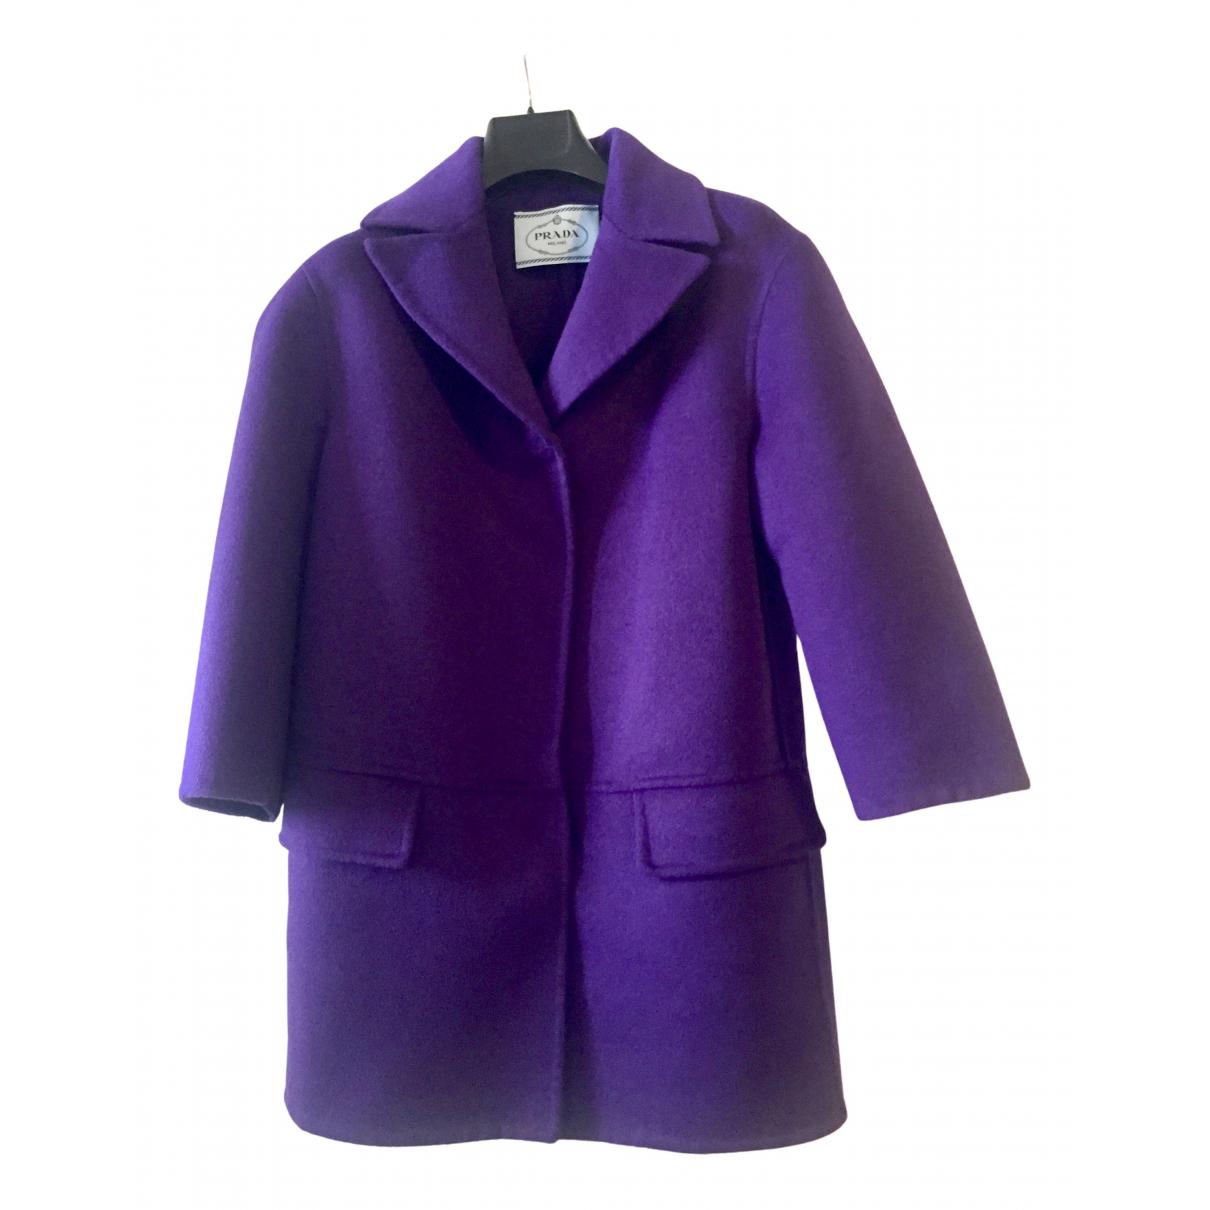 Prada - Manteau   pour femme en laine - violet